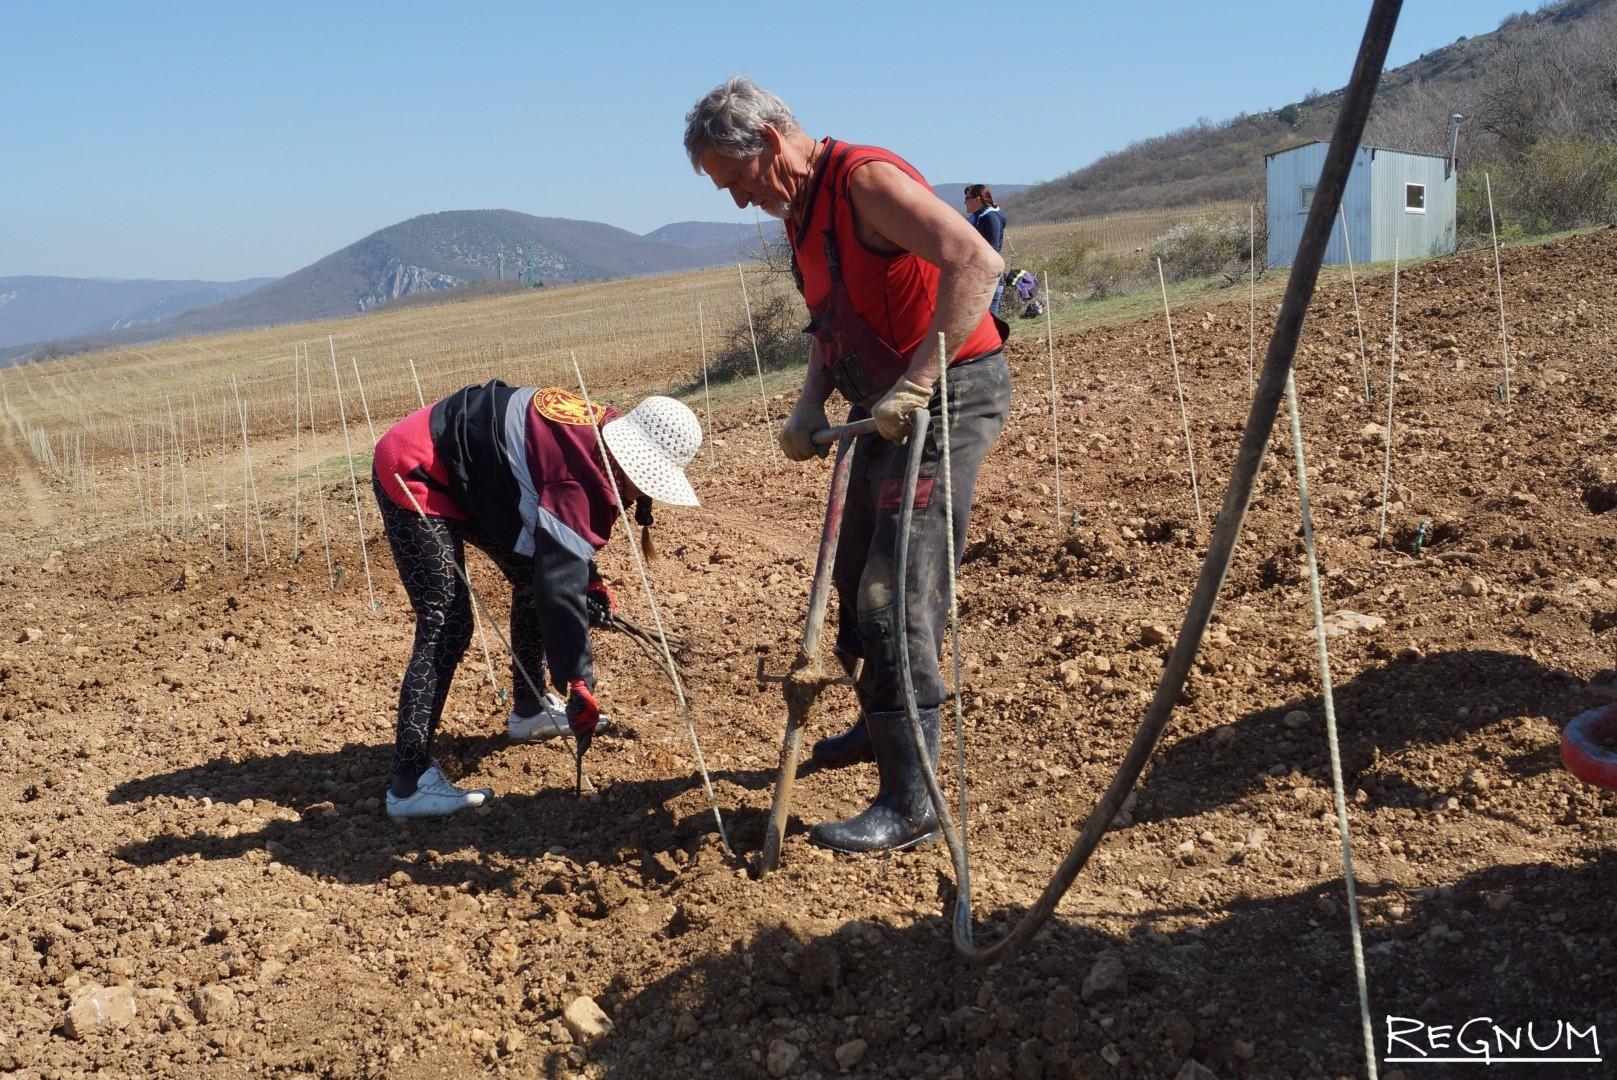 На следующий год саженец даст 30-сантиметировые ростки, которые нужно закрепить и направить лозу